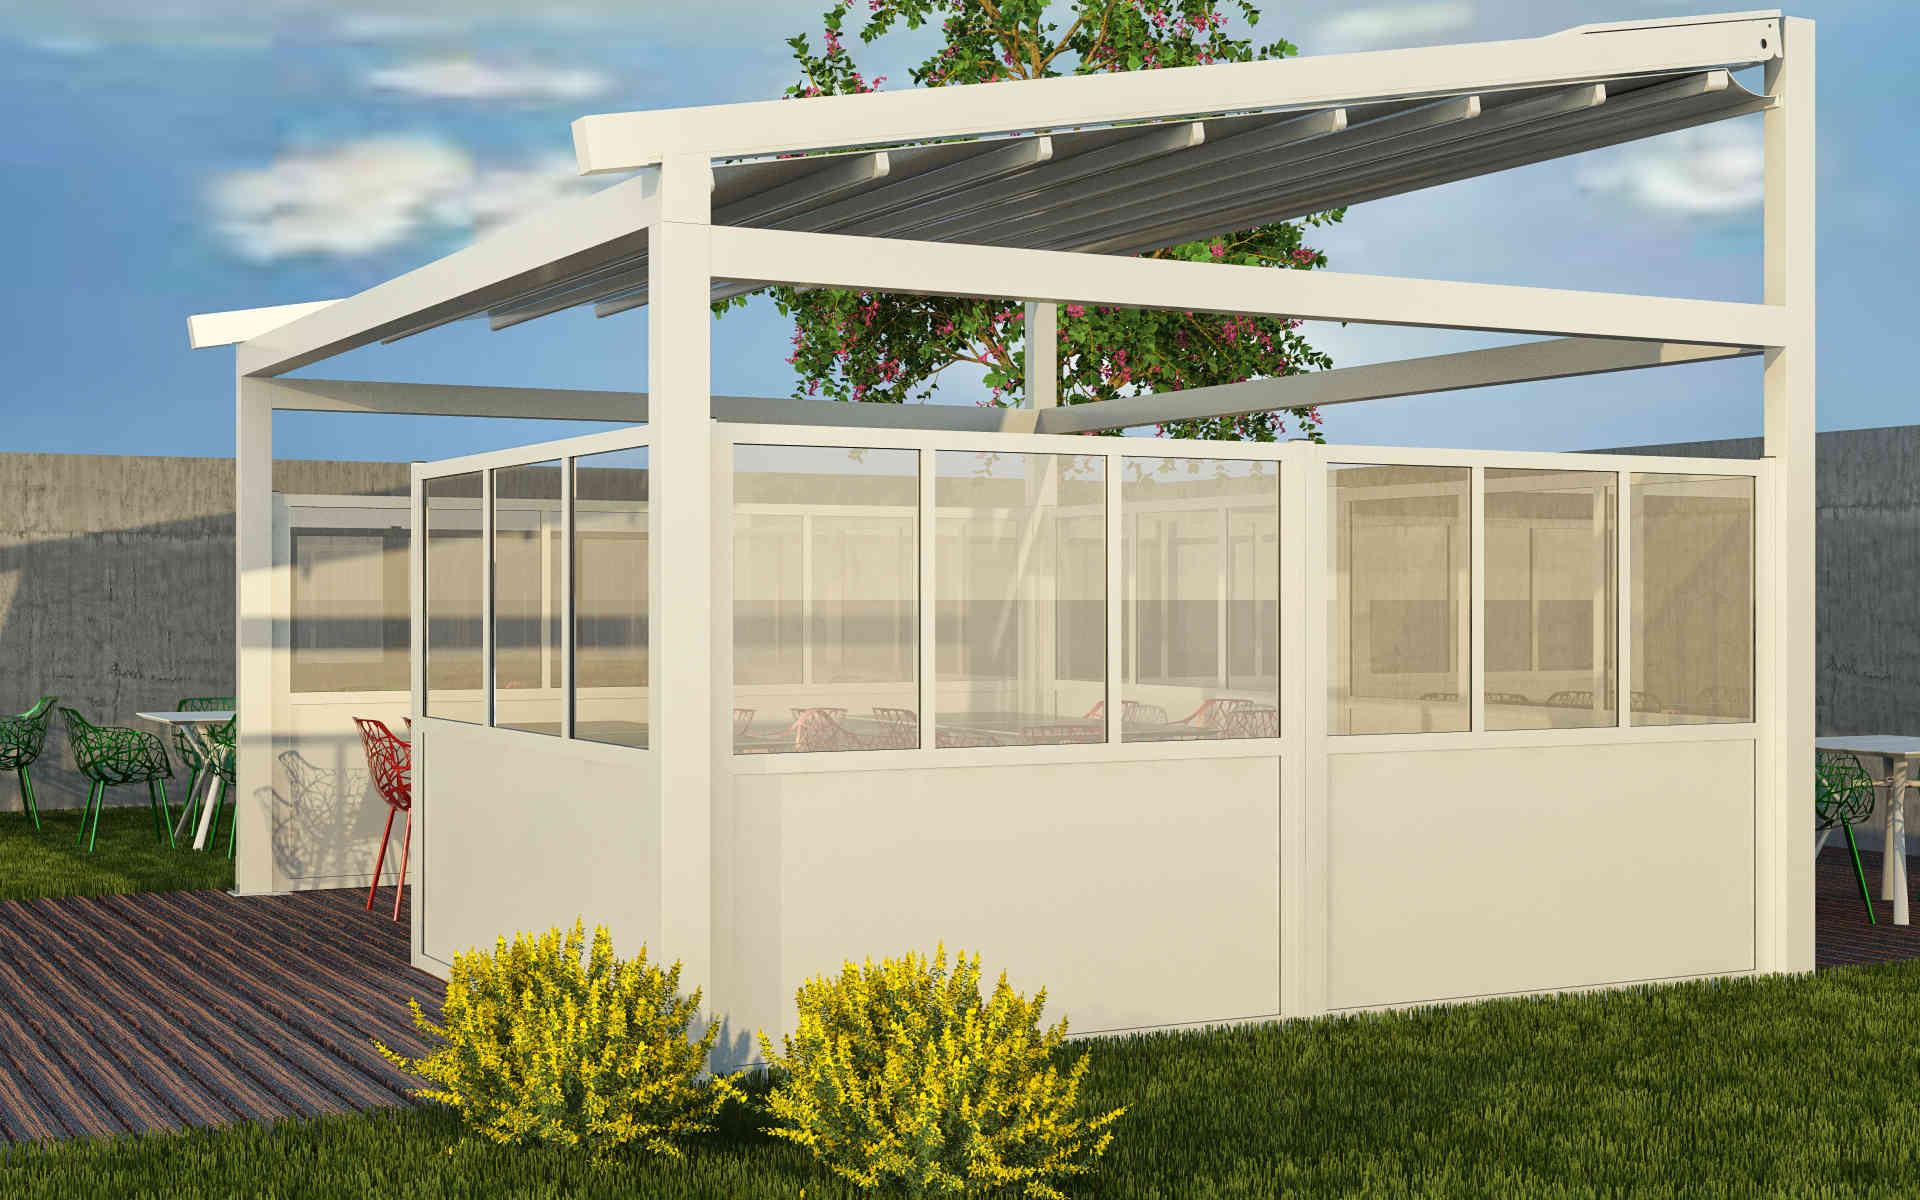 Paraventi modulari per esterno in alluminio. Chiusura di dehors e plateatici. Serie 2000. Stameat srl - Padova